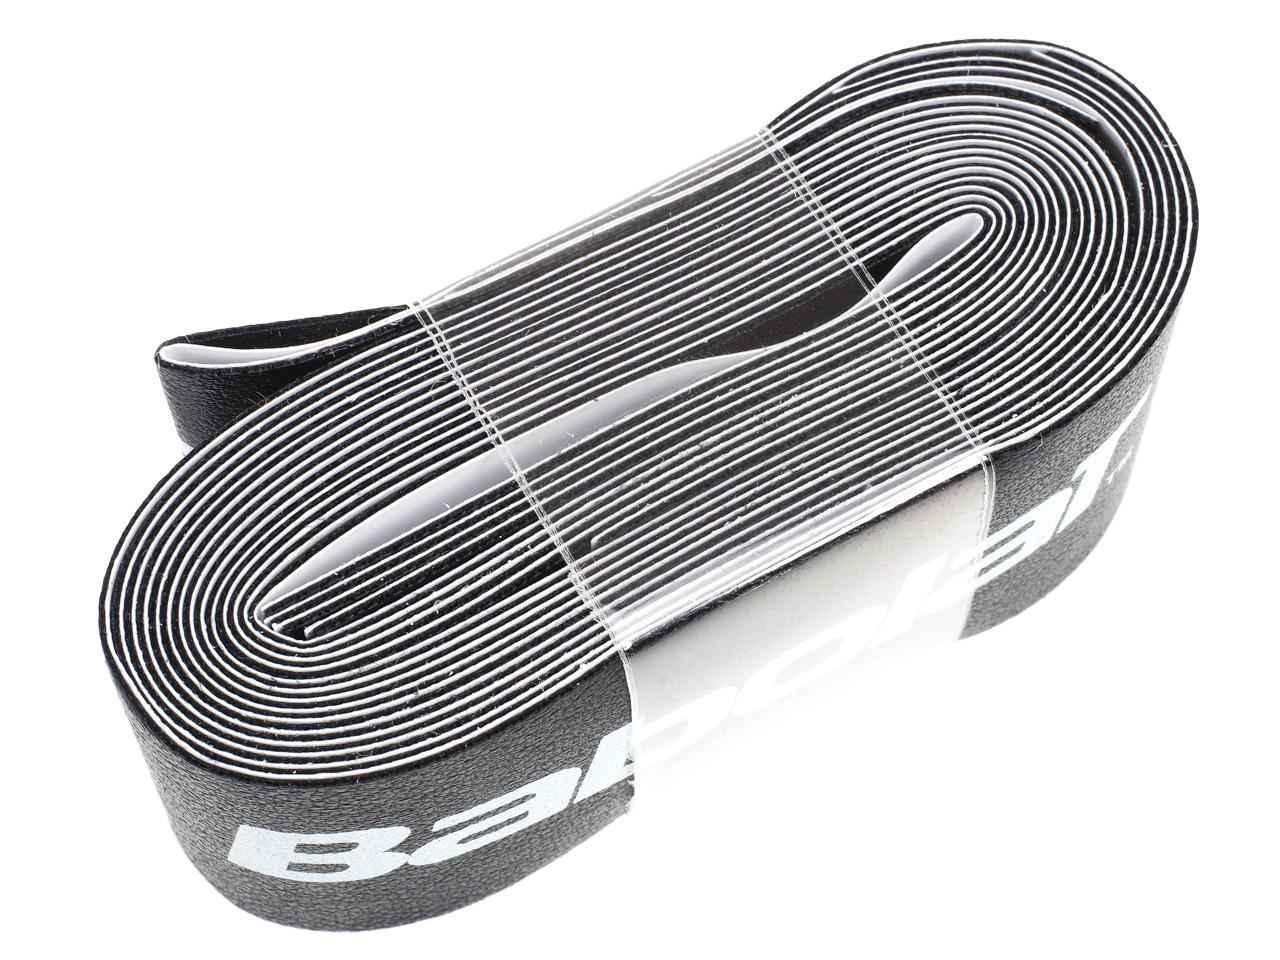 Protection-de-raquette-tennis-Babolat-Super-tape-noir-Noir-14136-Neuf miniature 3